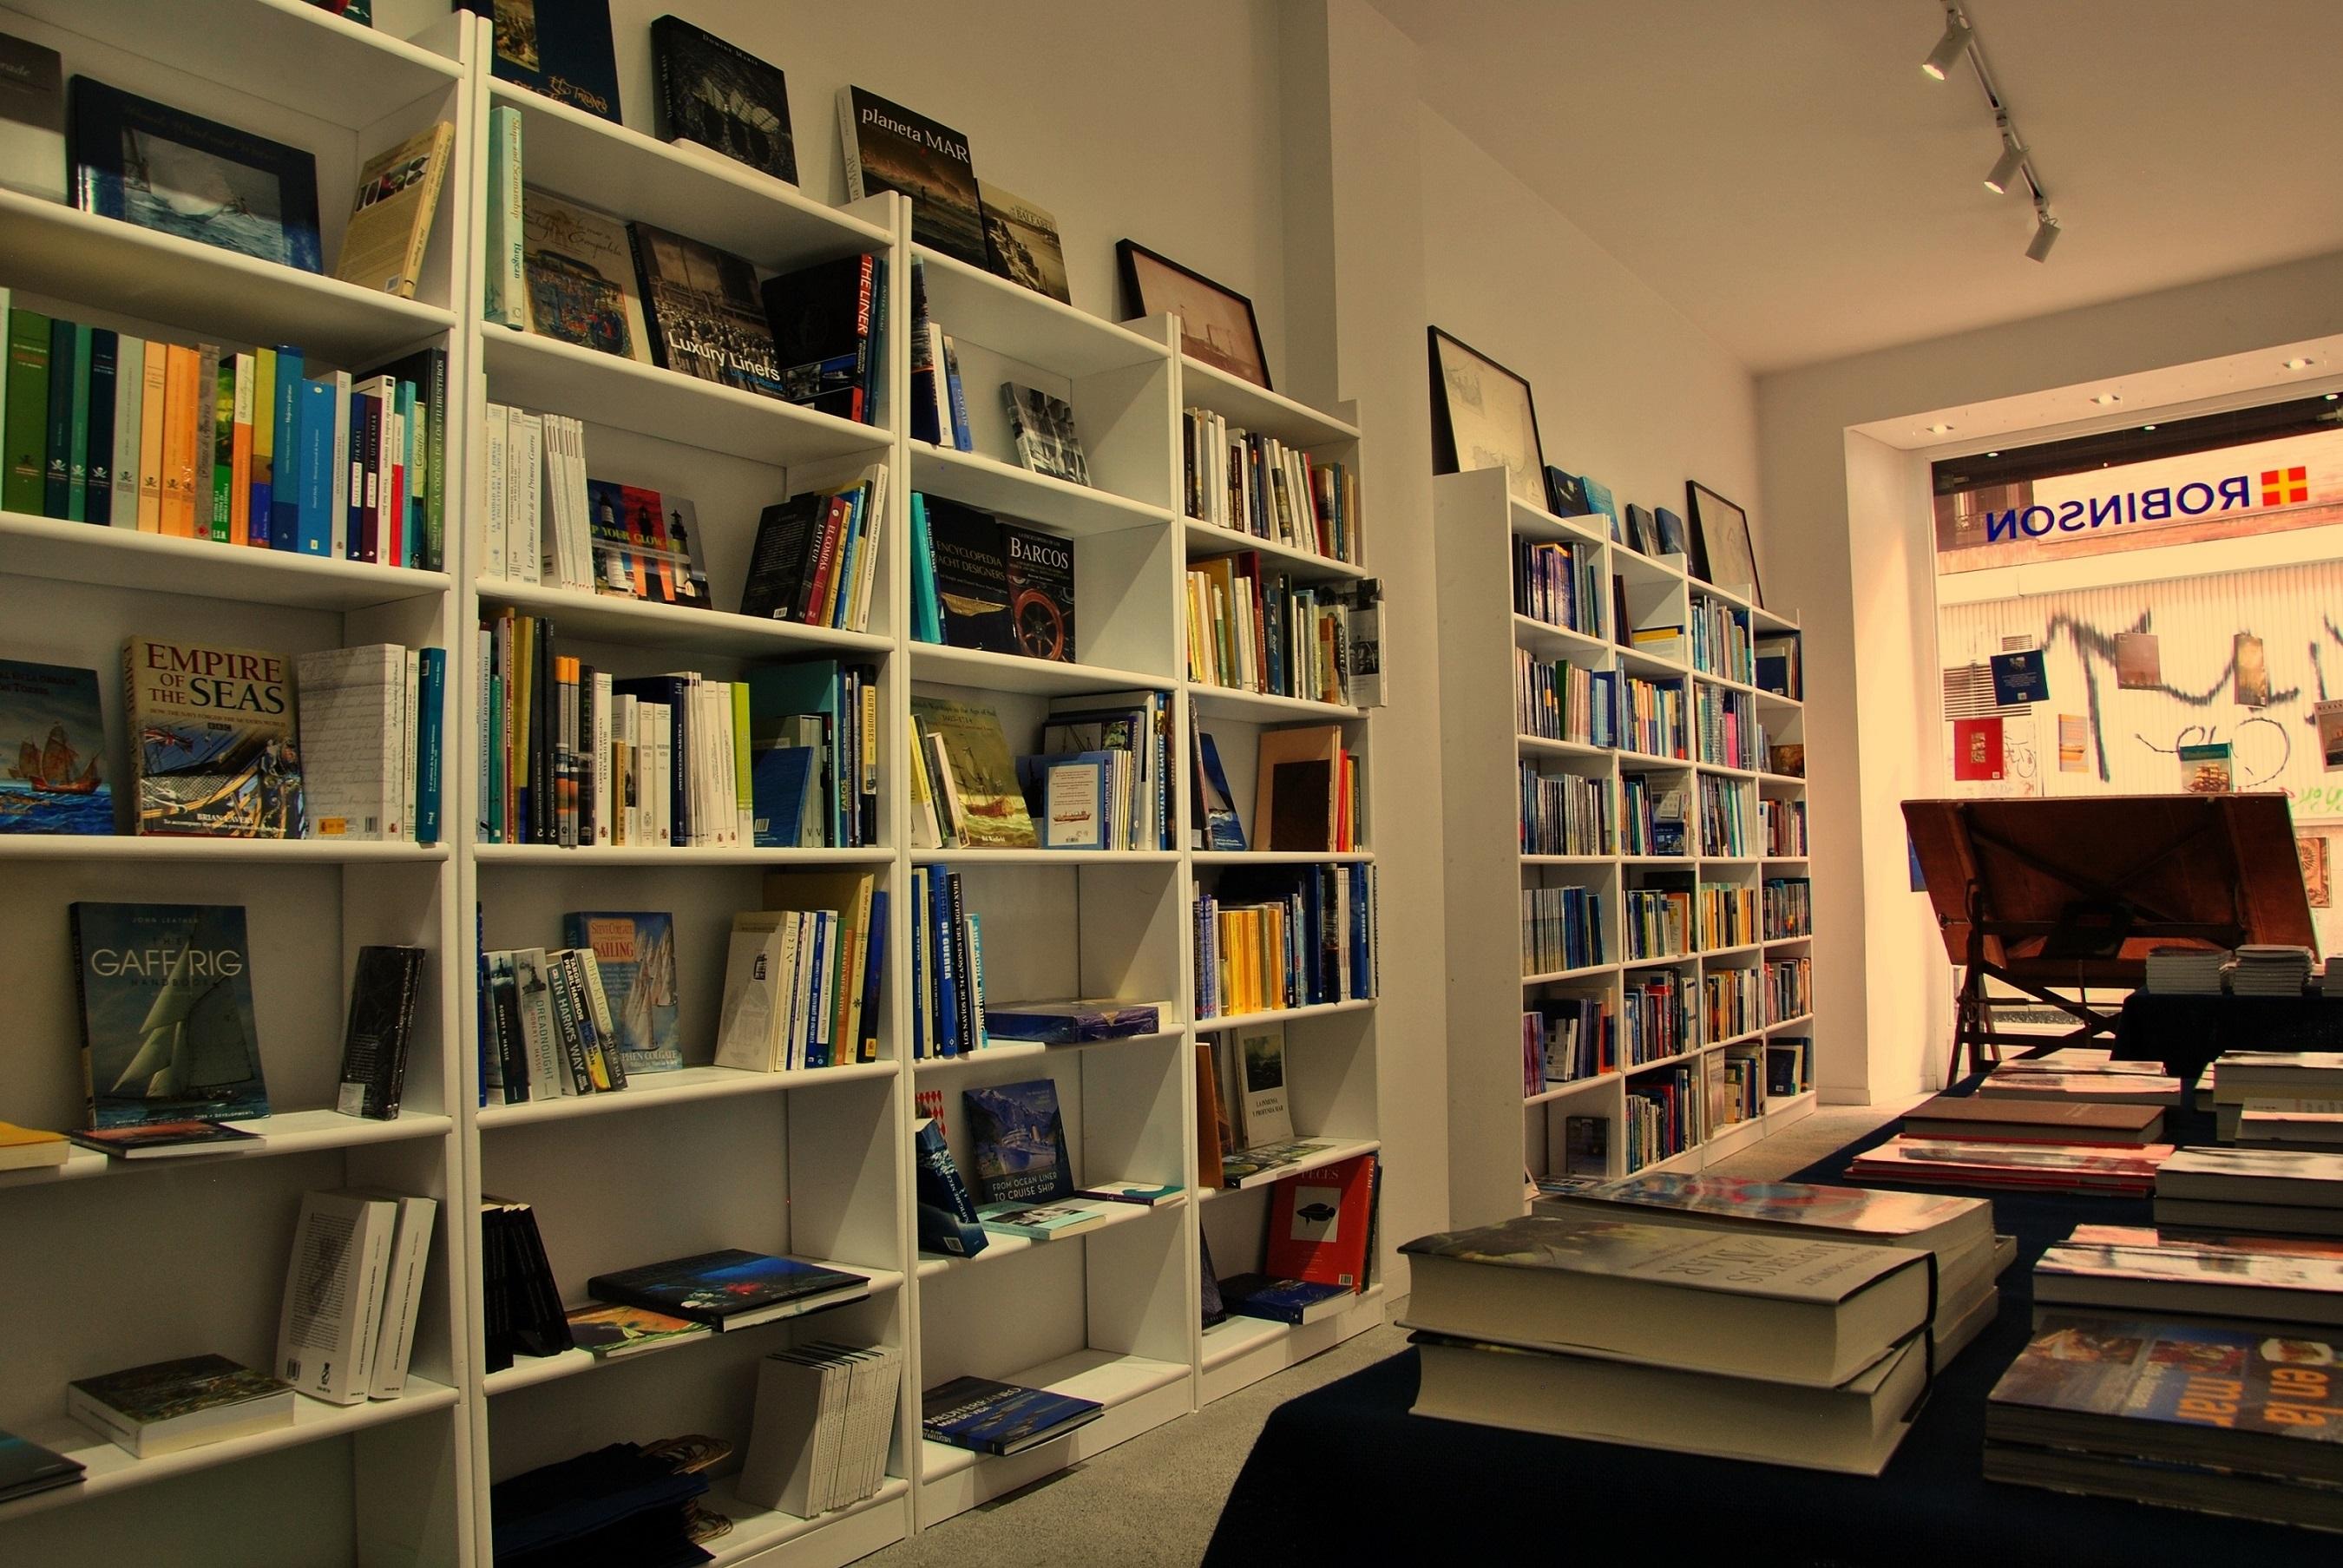 La librer a n utica robinson reabre en una nueva ubicaci n for Libreria nautica bilbao